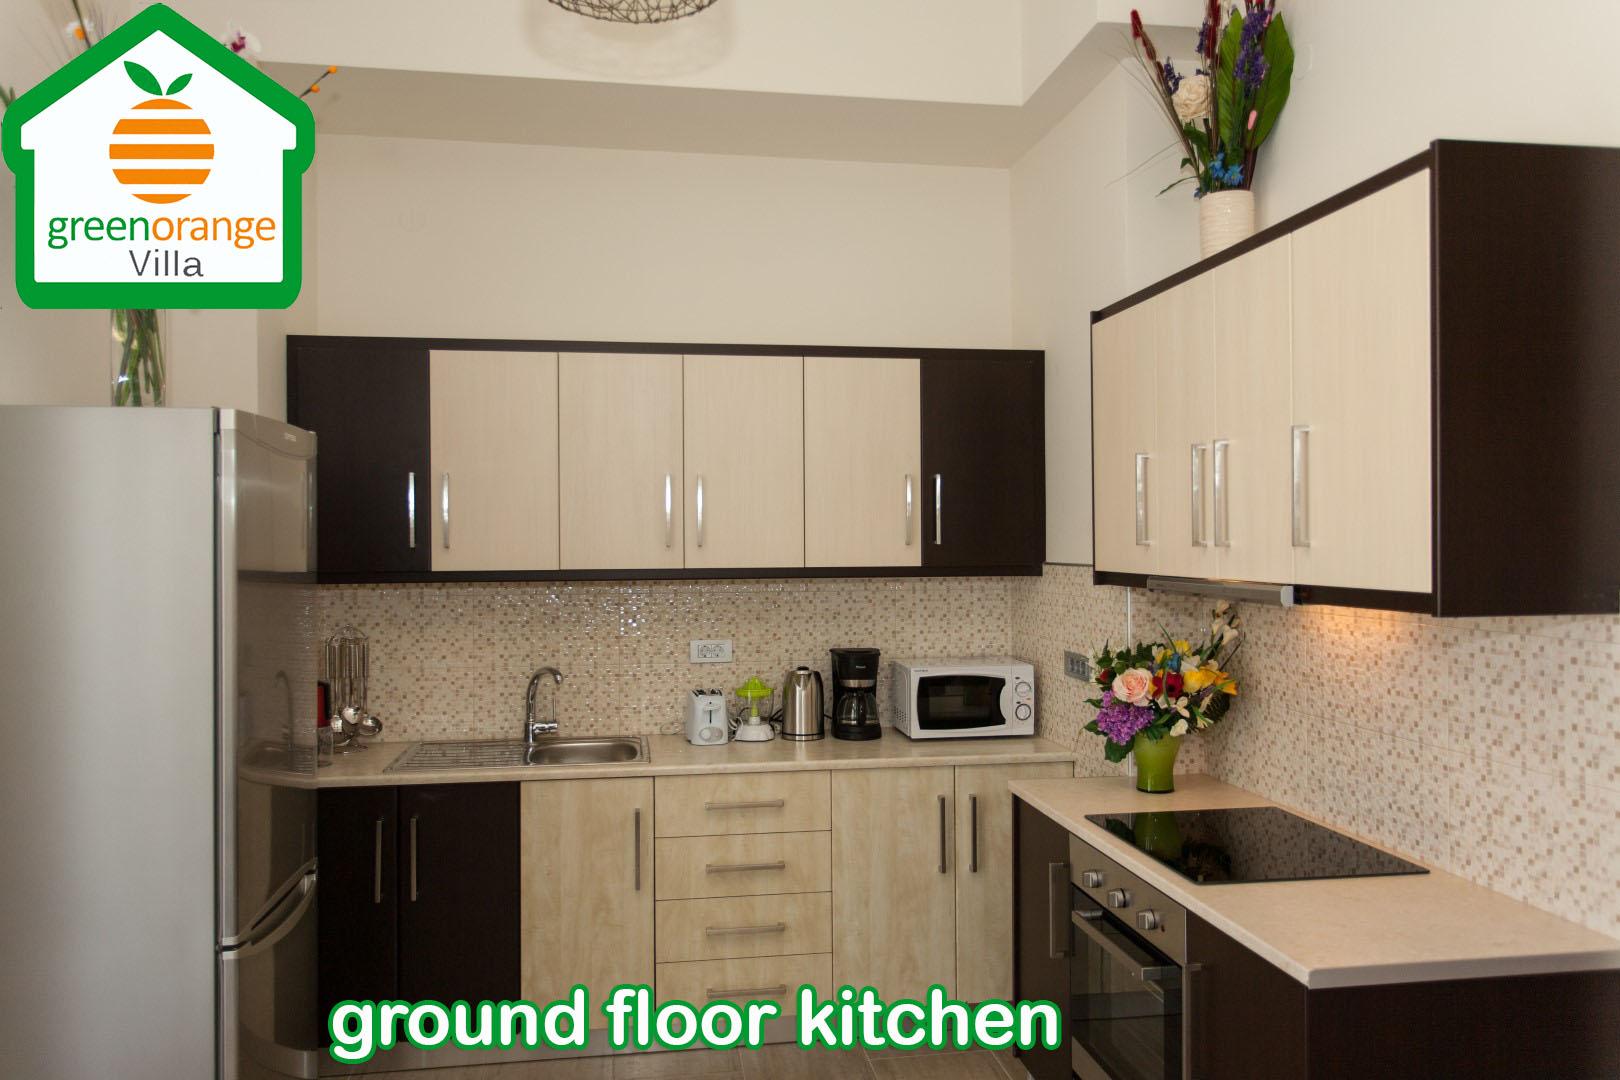 ground-floor-kitchen-green-orange-villa-chania-crete-2